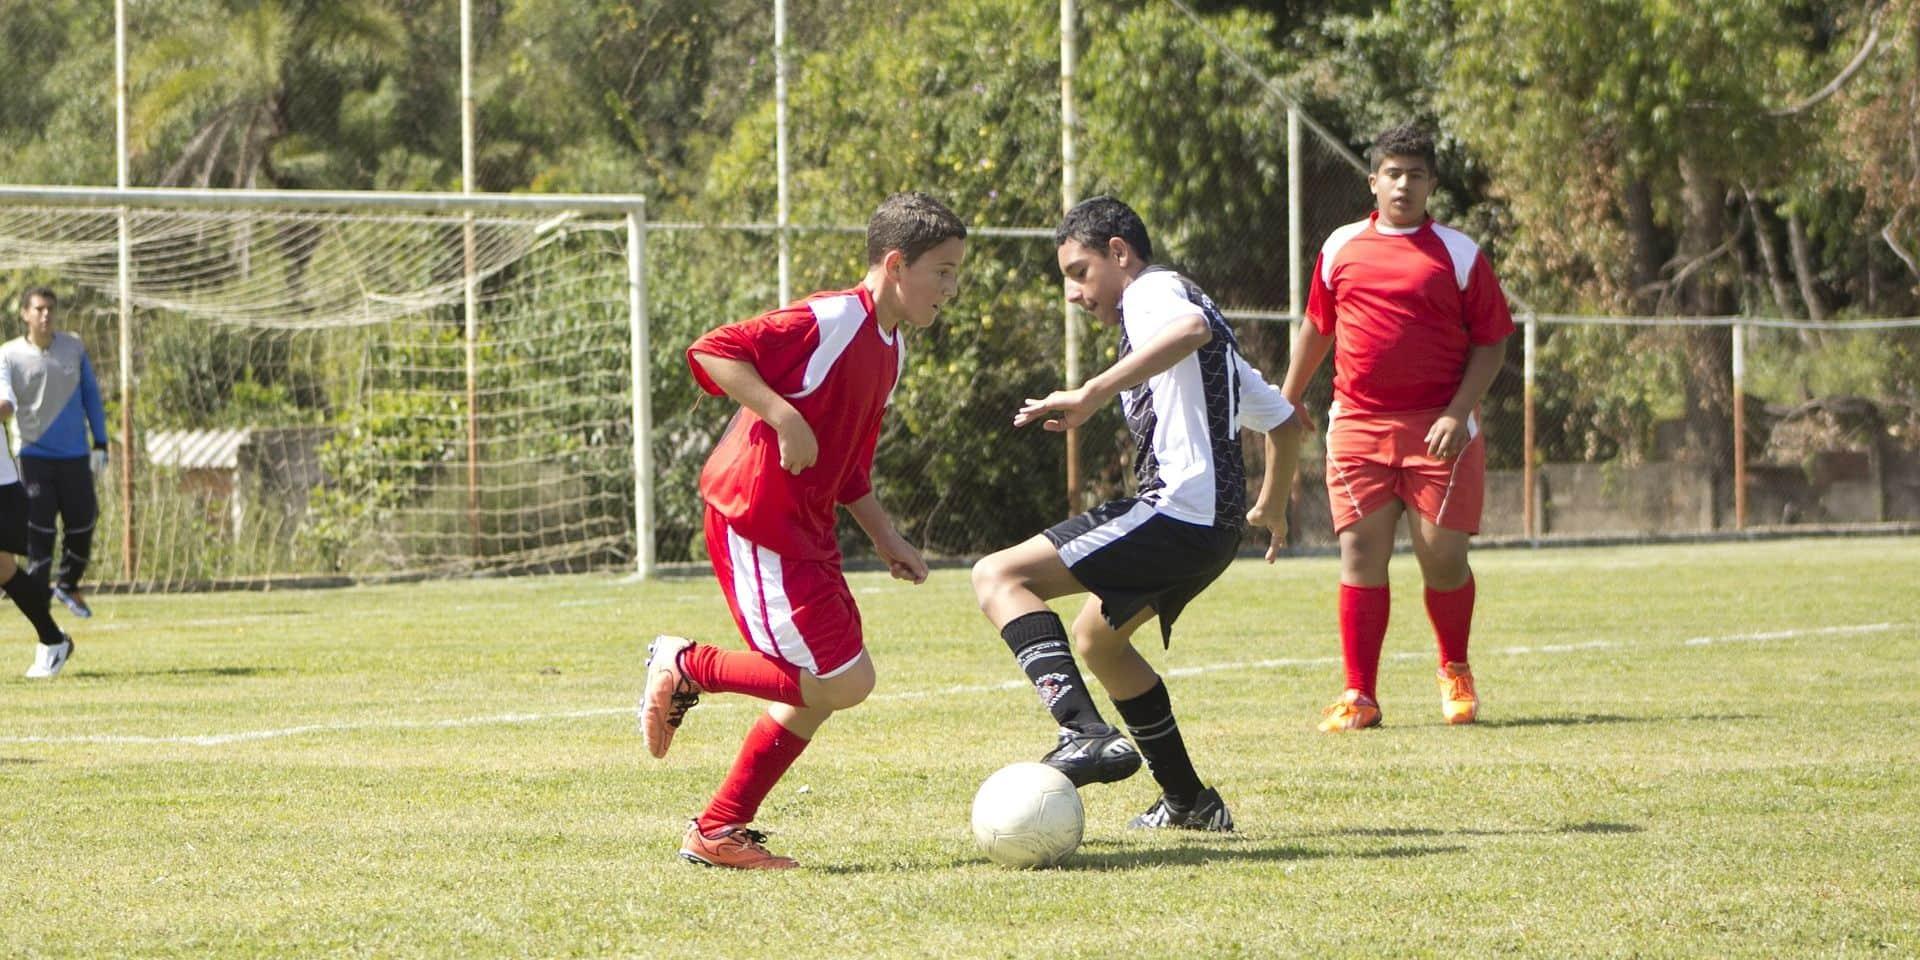 ACFF: 441 clubs ont demandé un label pour la saison 2021-2022